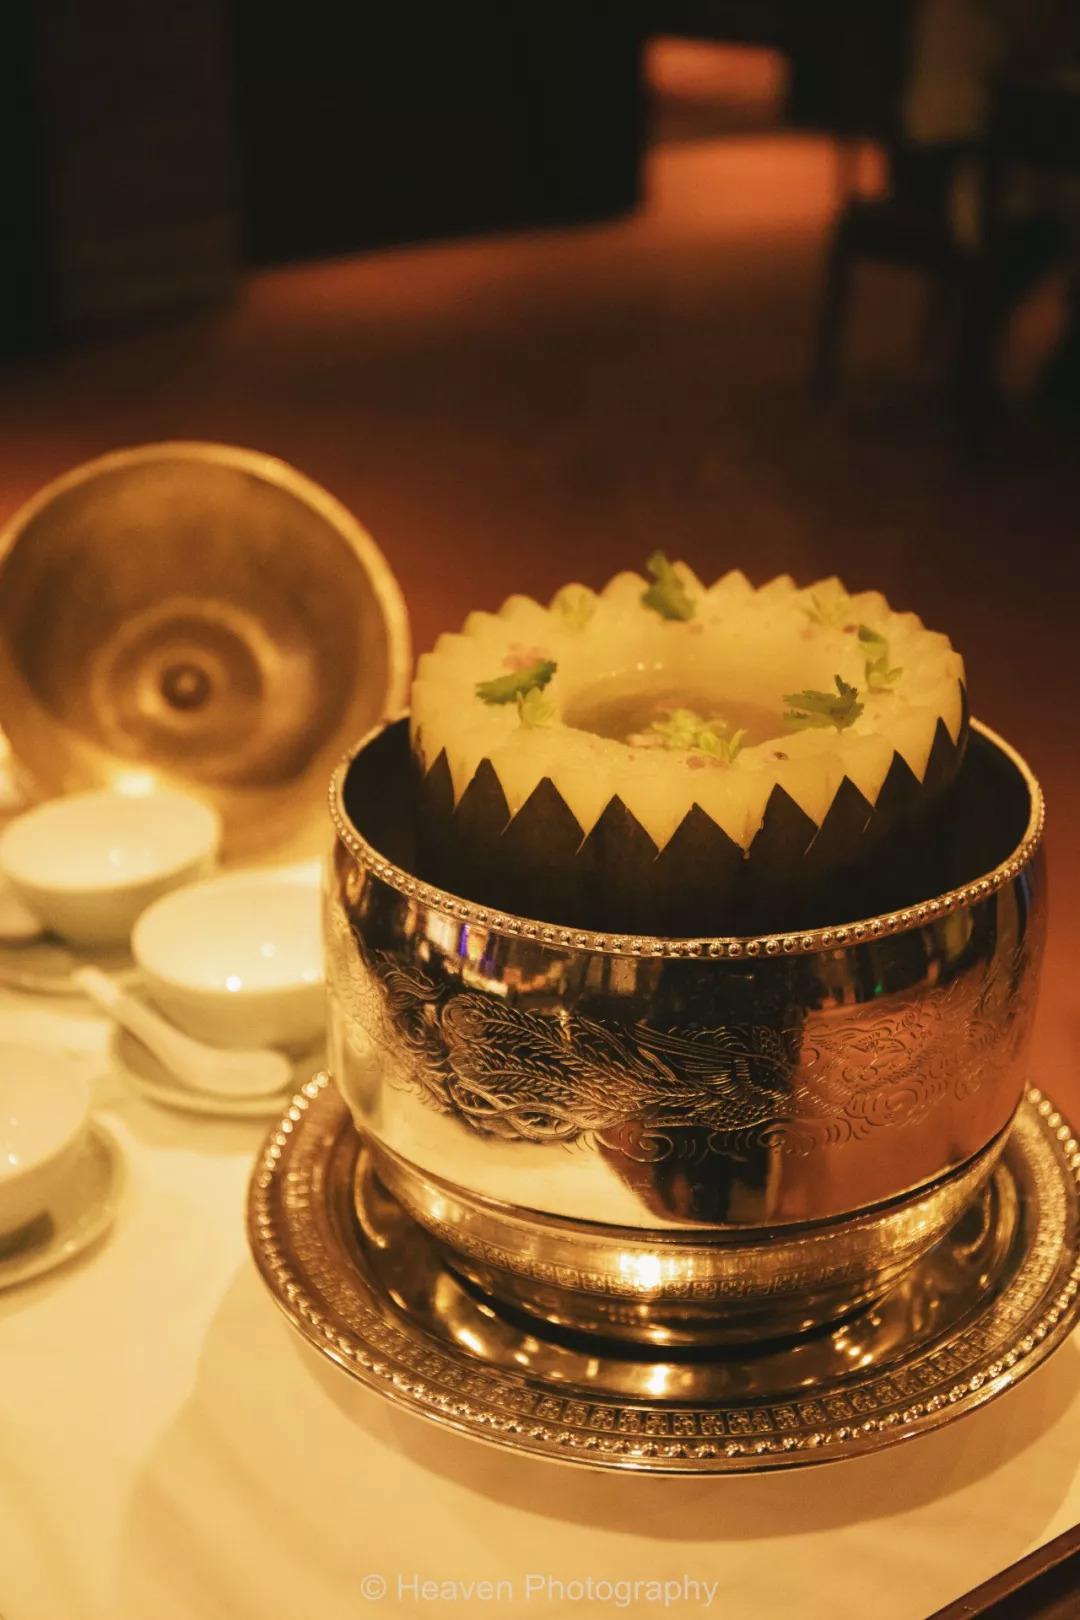 国庆美食去哪里?推荐蔡澜最爱的粤式米其林餐厅-广州白天鹅宾馆玉堂春暖